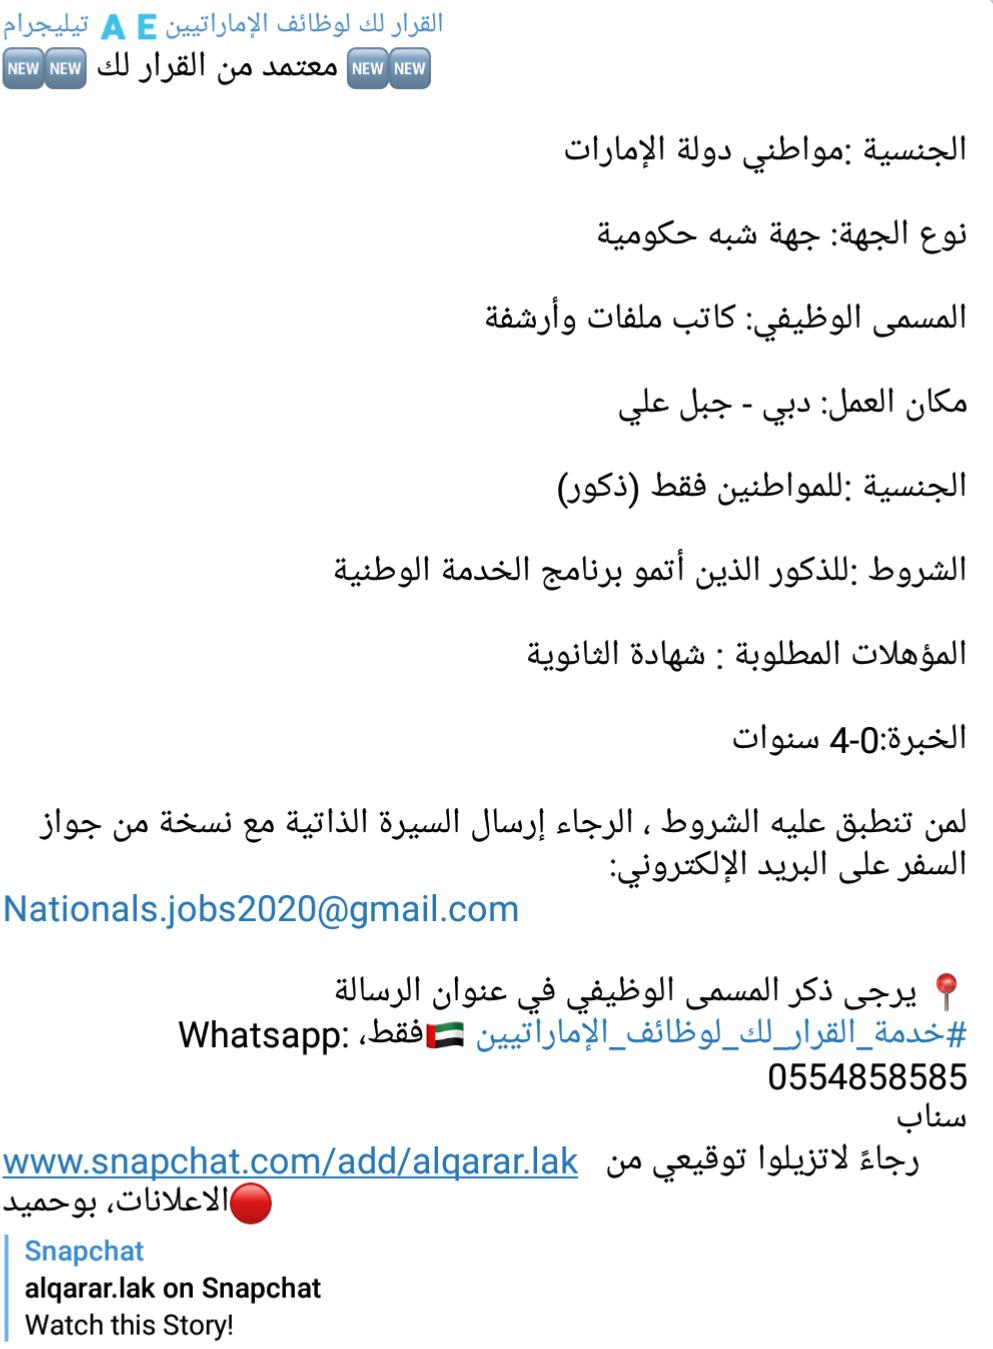 مطلوب كاتب ملفات وارشفة للعمل في جبل علي وظائف شاغرة فى الامارات